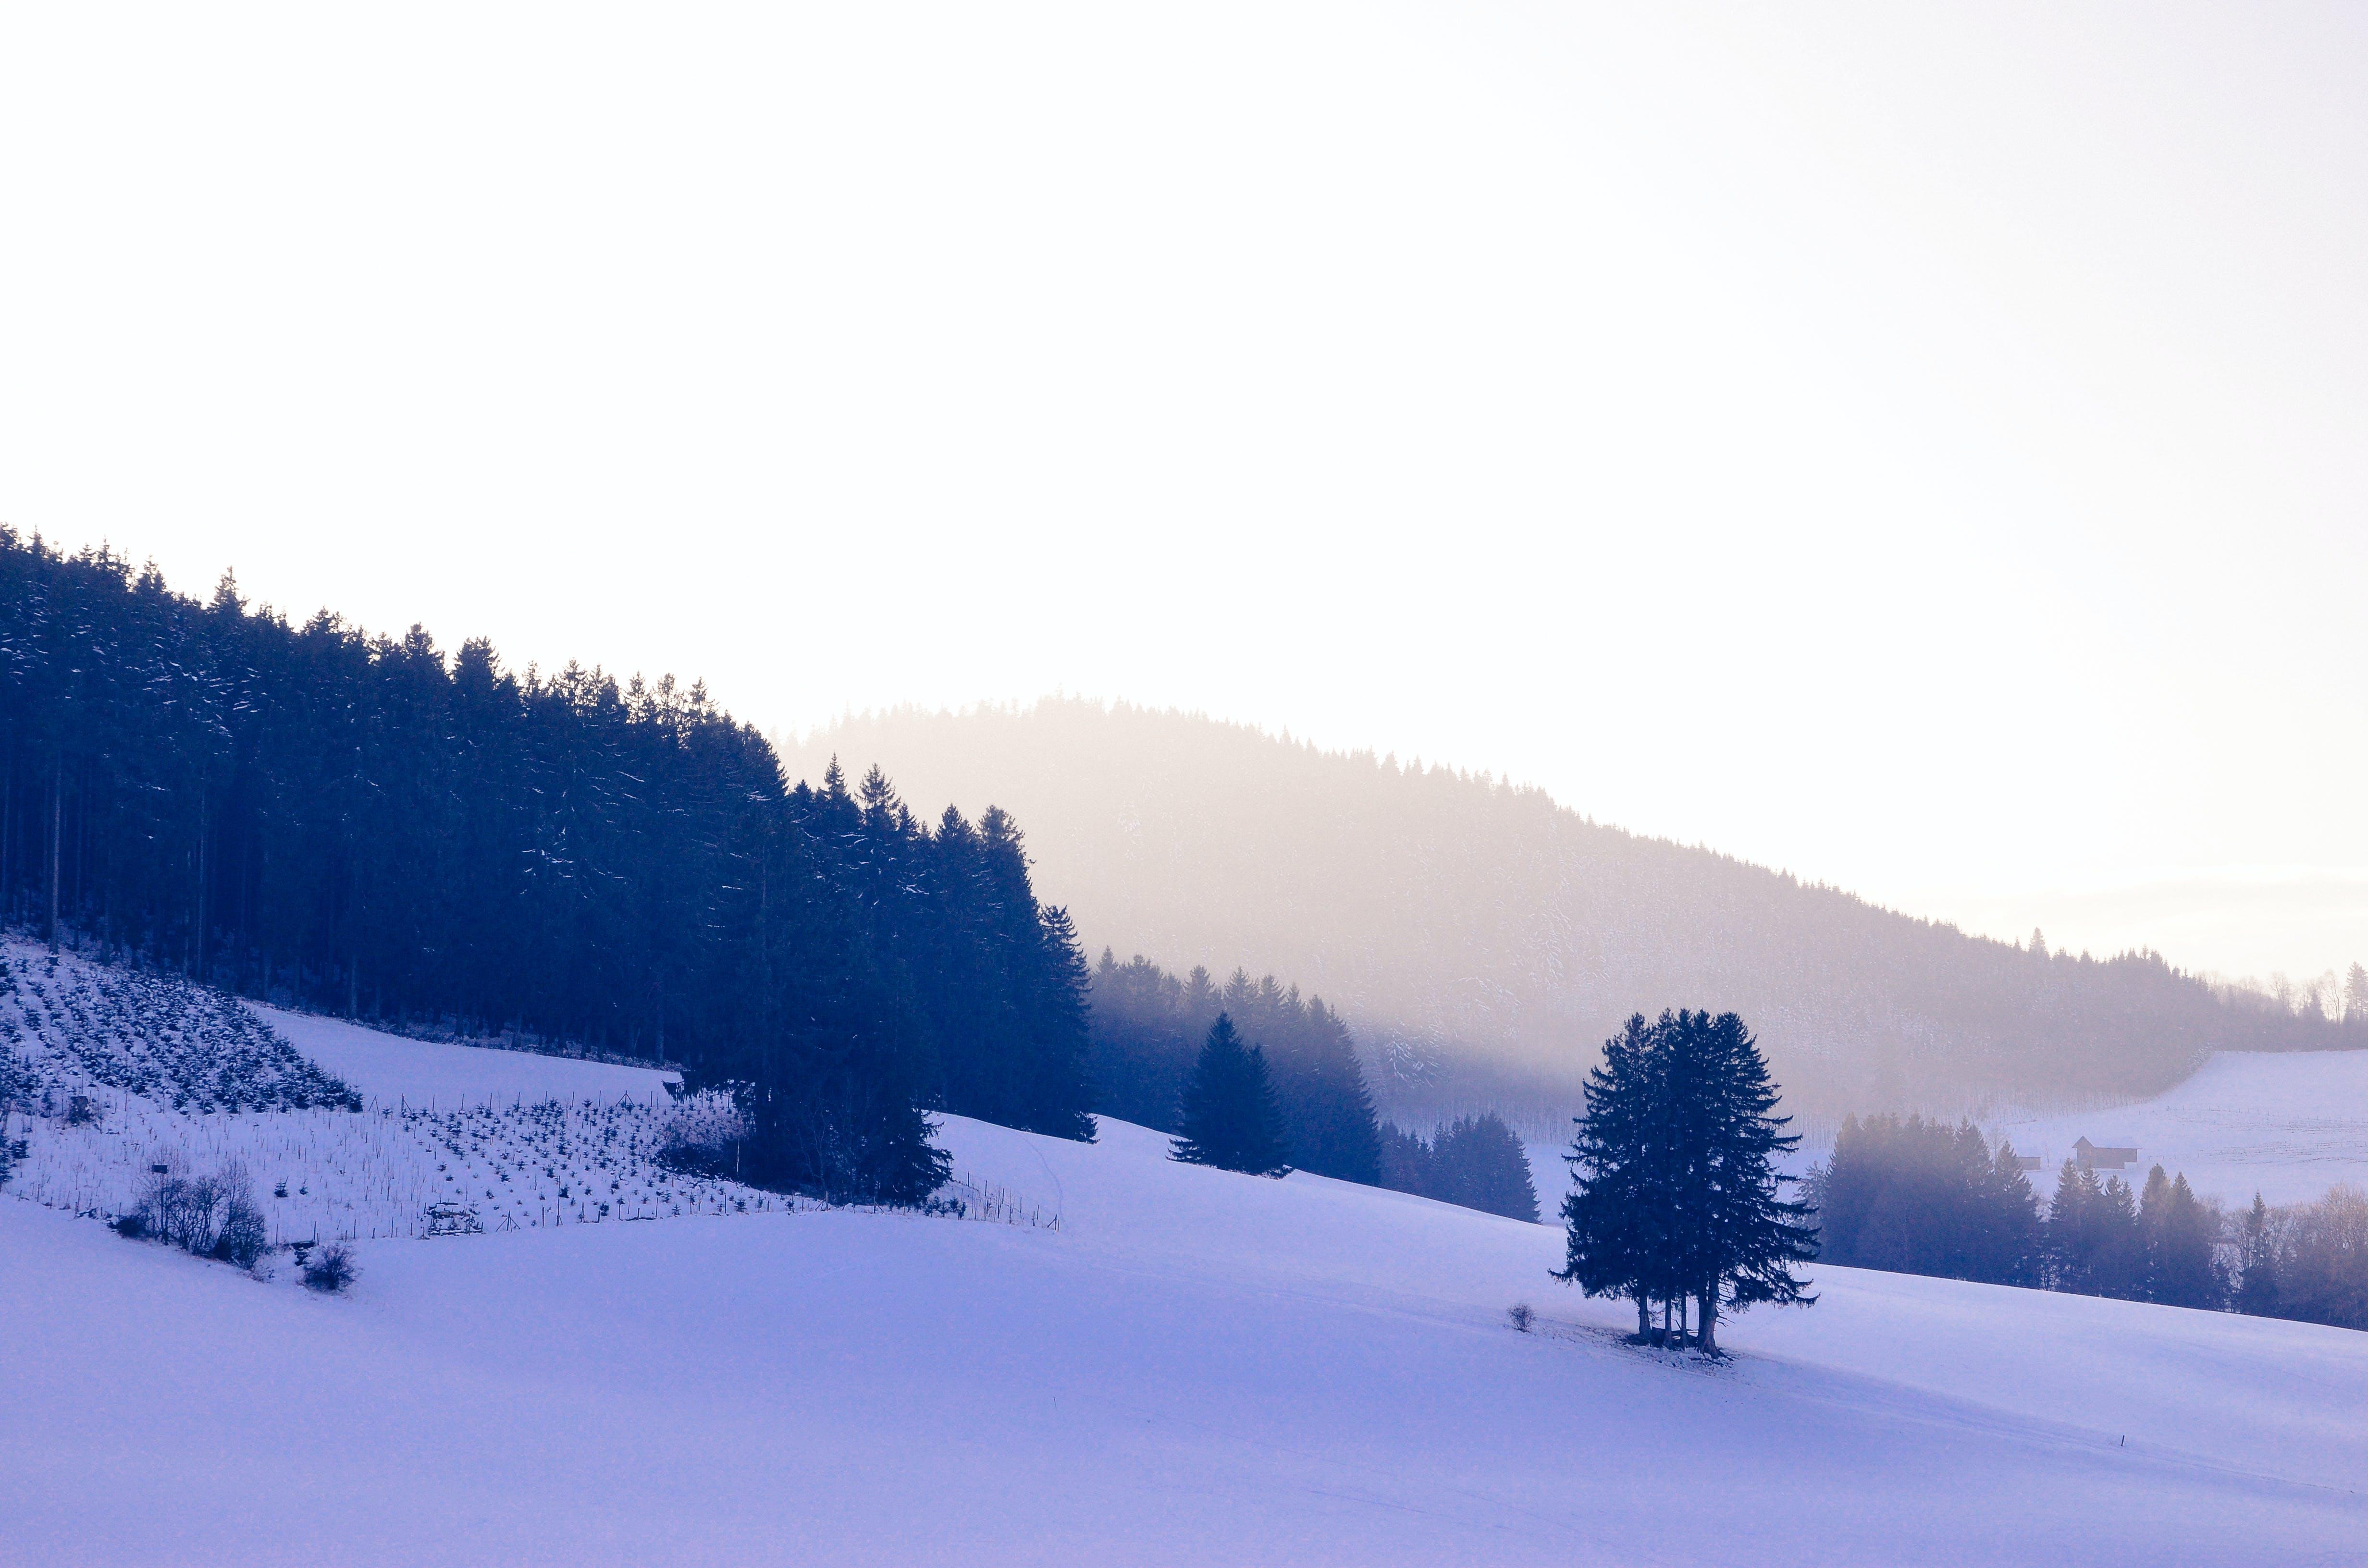 Free stock photo of snow, blue, powder, freshpow